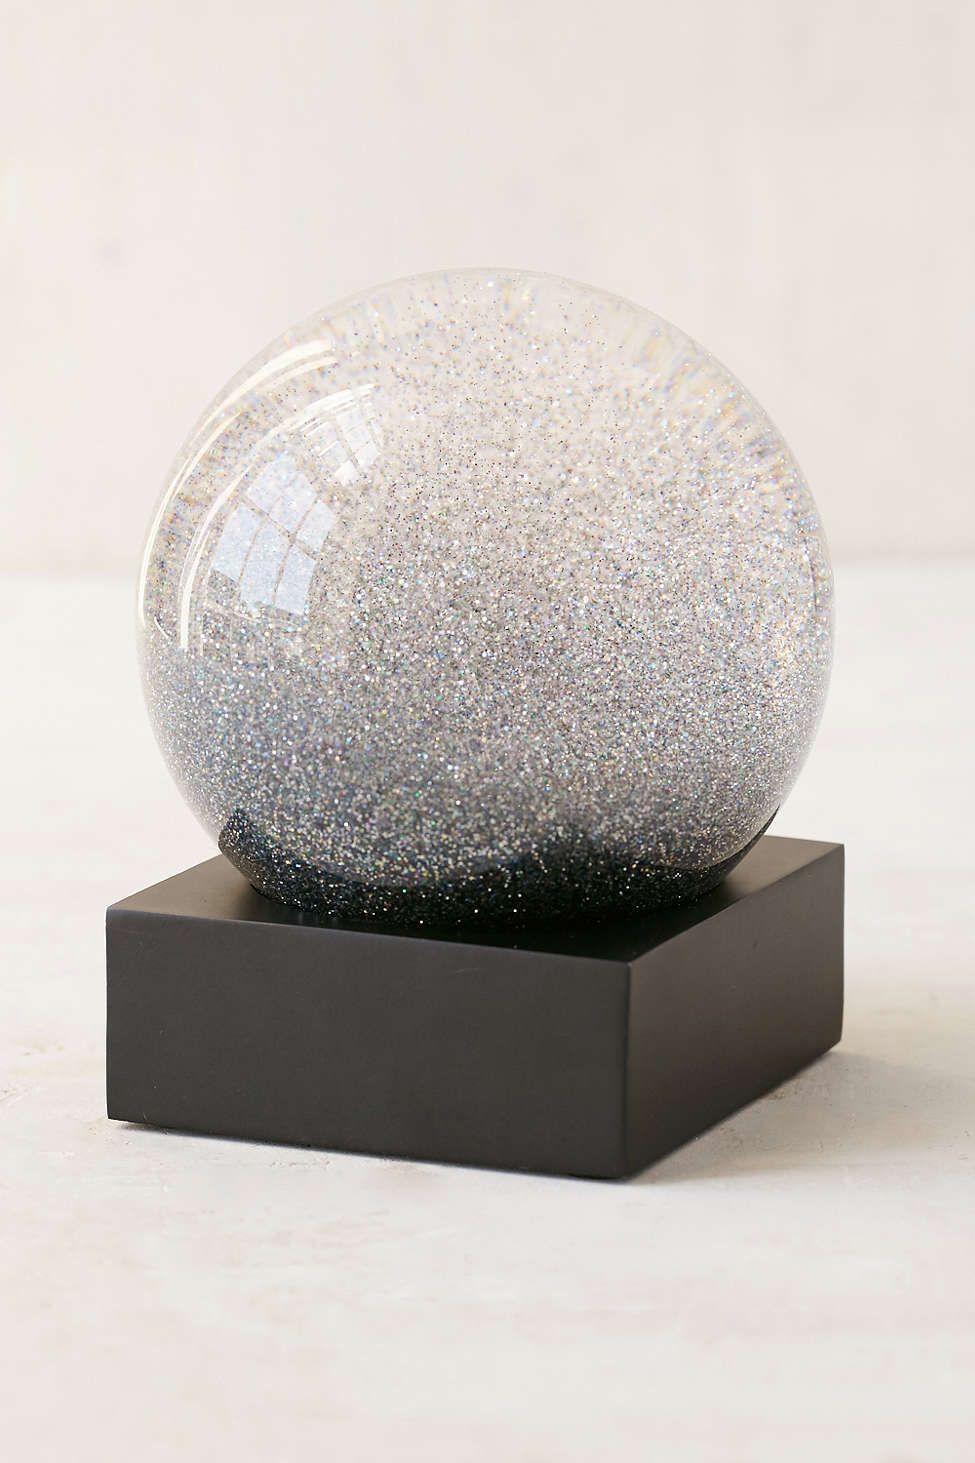 Glitter Crystal Ball All Karen Salt Lamp Crystal Balls Buy